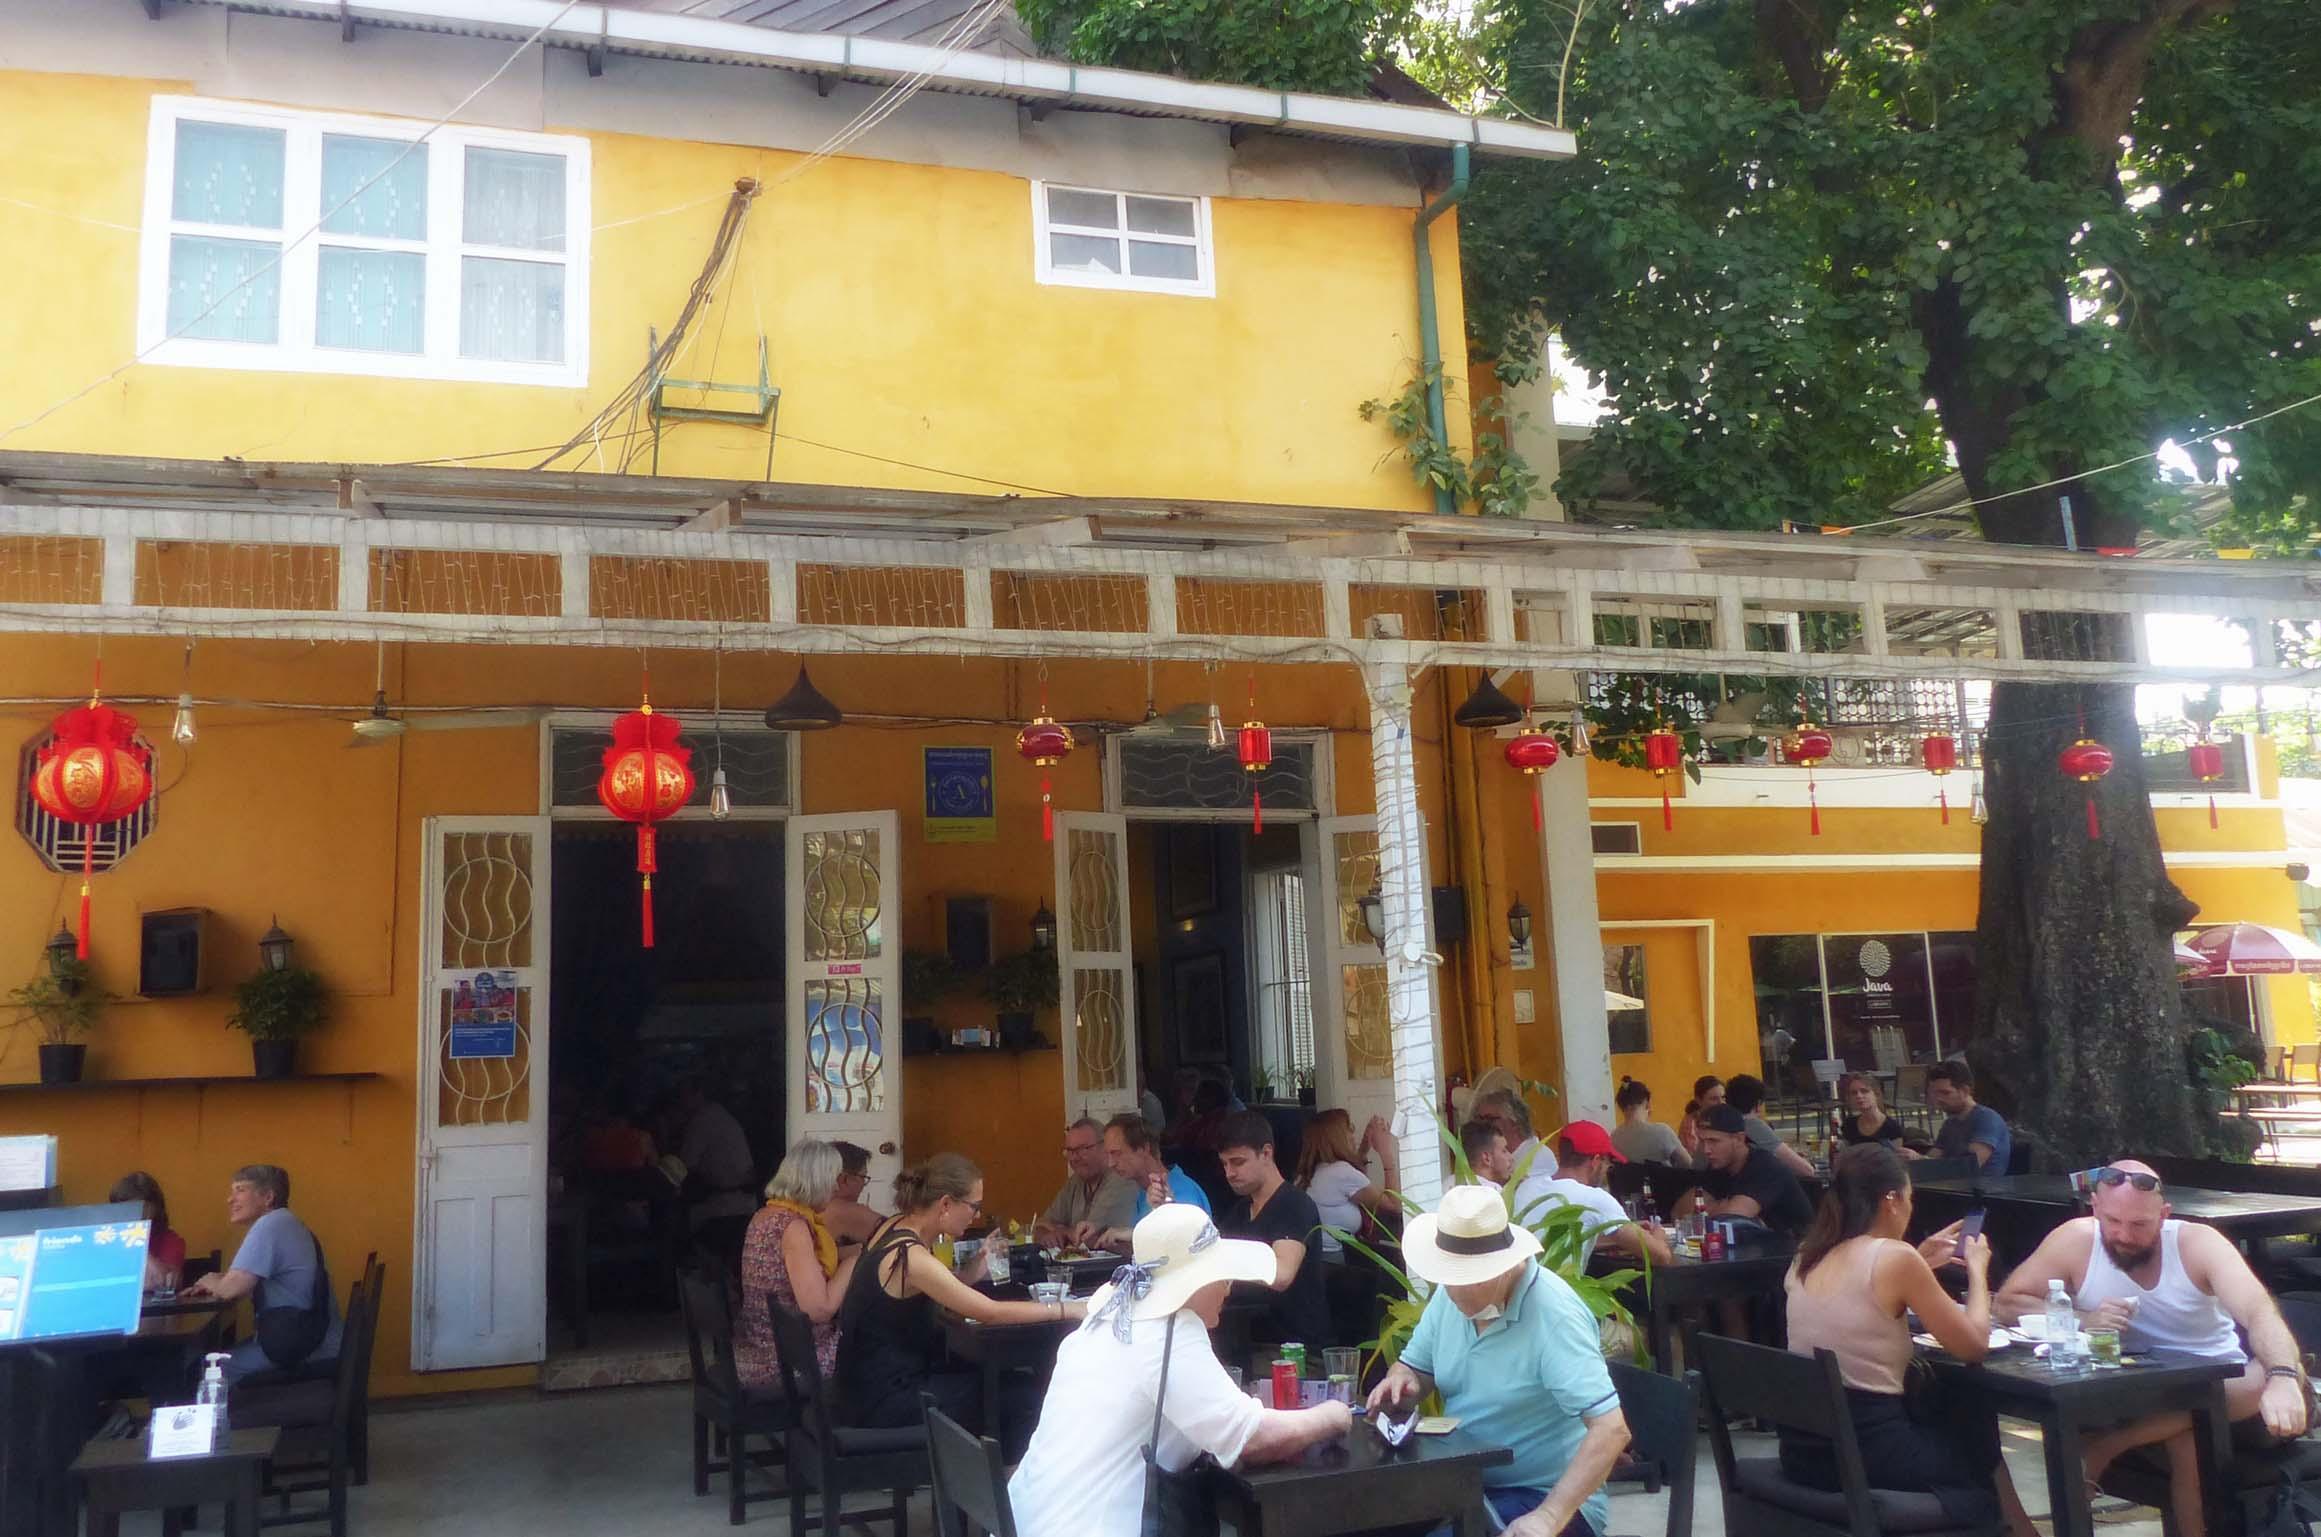 Busy restaurant terrace